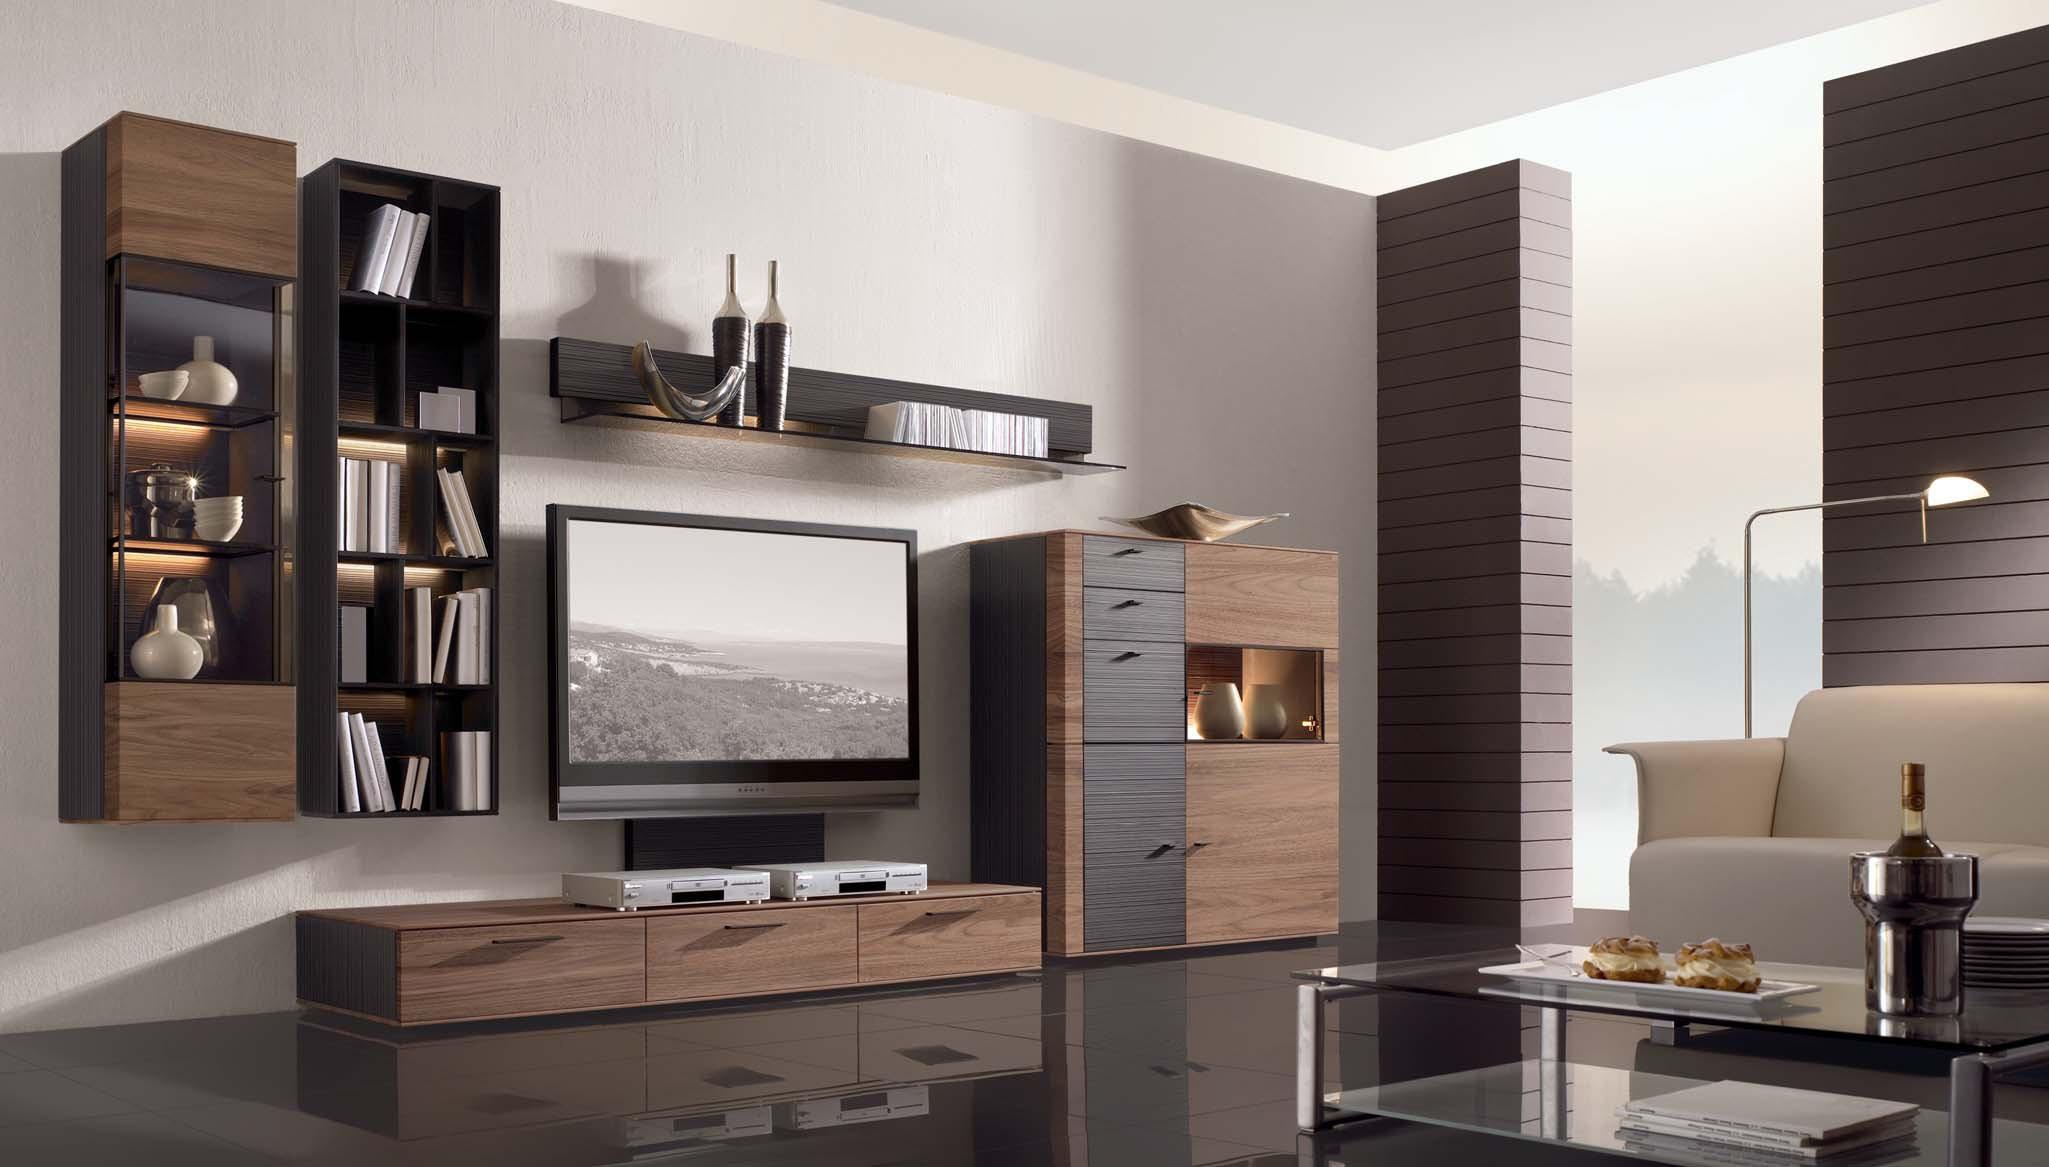 Особенности мебели в интернет-магазине «Мебель Шара»